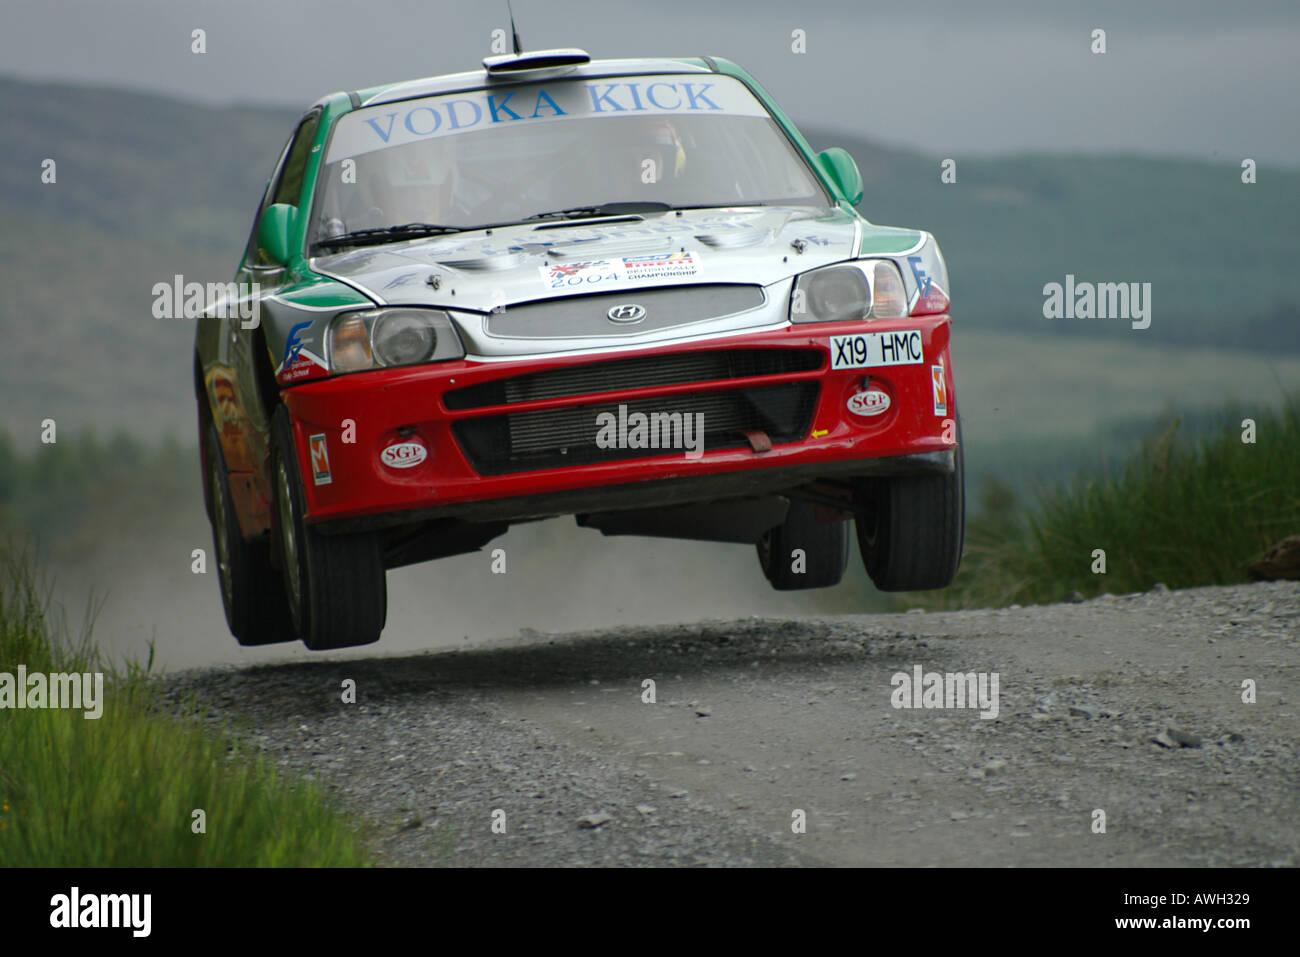 Britischen Rallye Meisterschaft Anwärter in der schottischen Rallye Stockbild